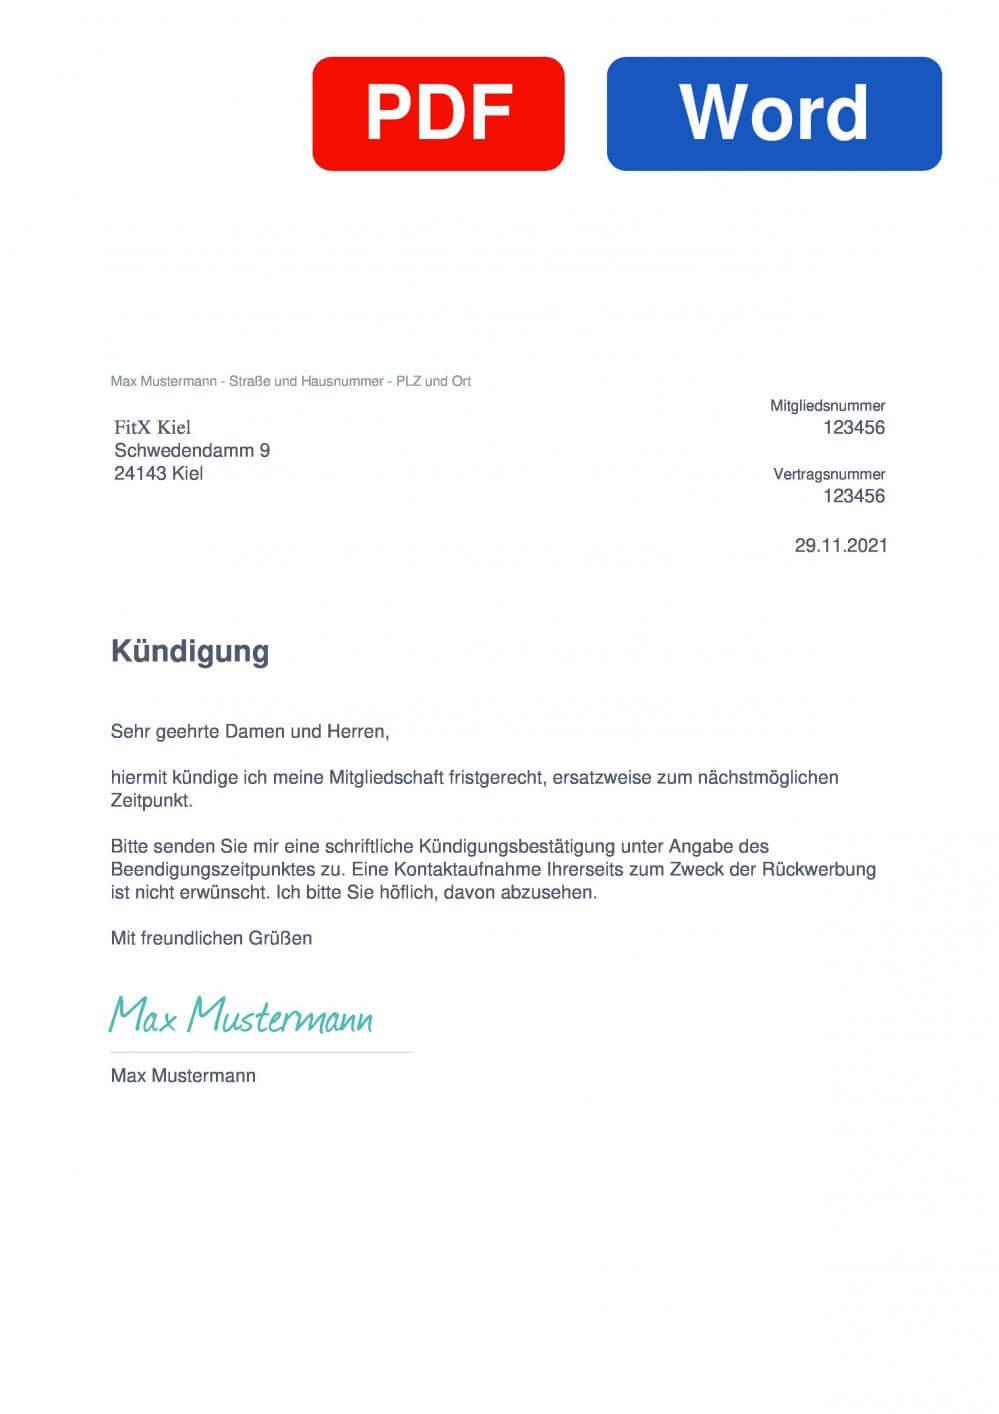 FitX Kiel Muster Vorlage für Kündigungsschreiben